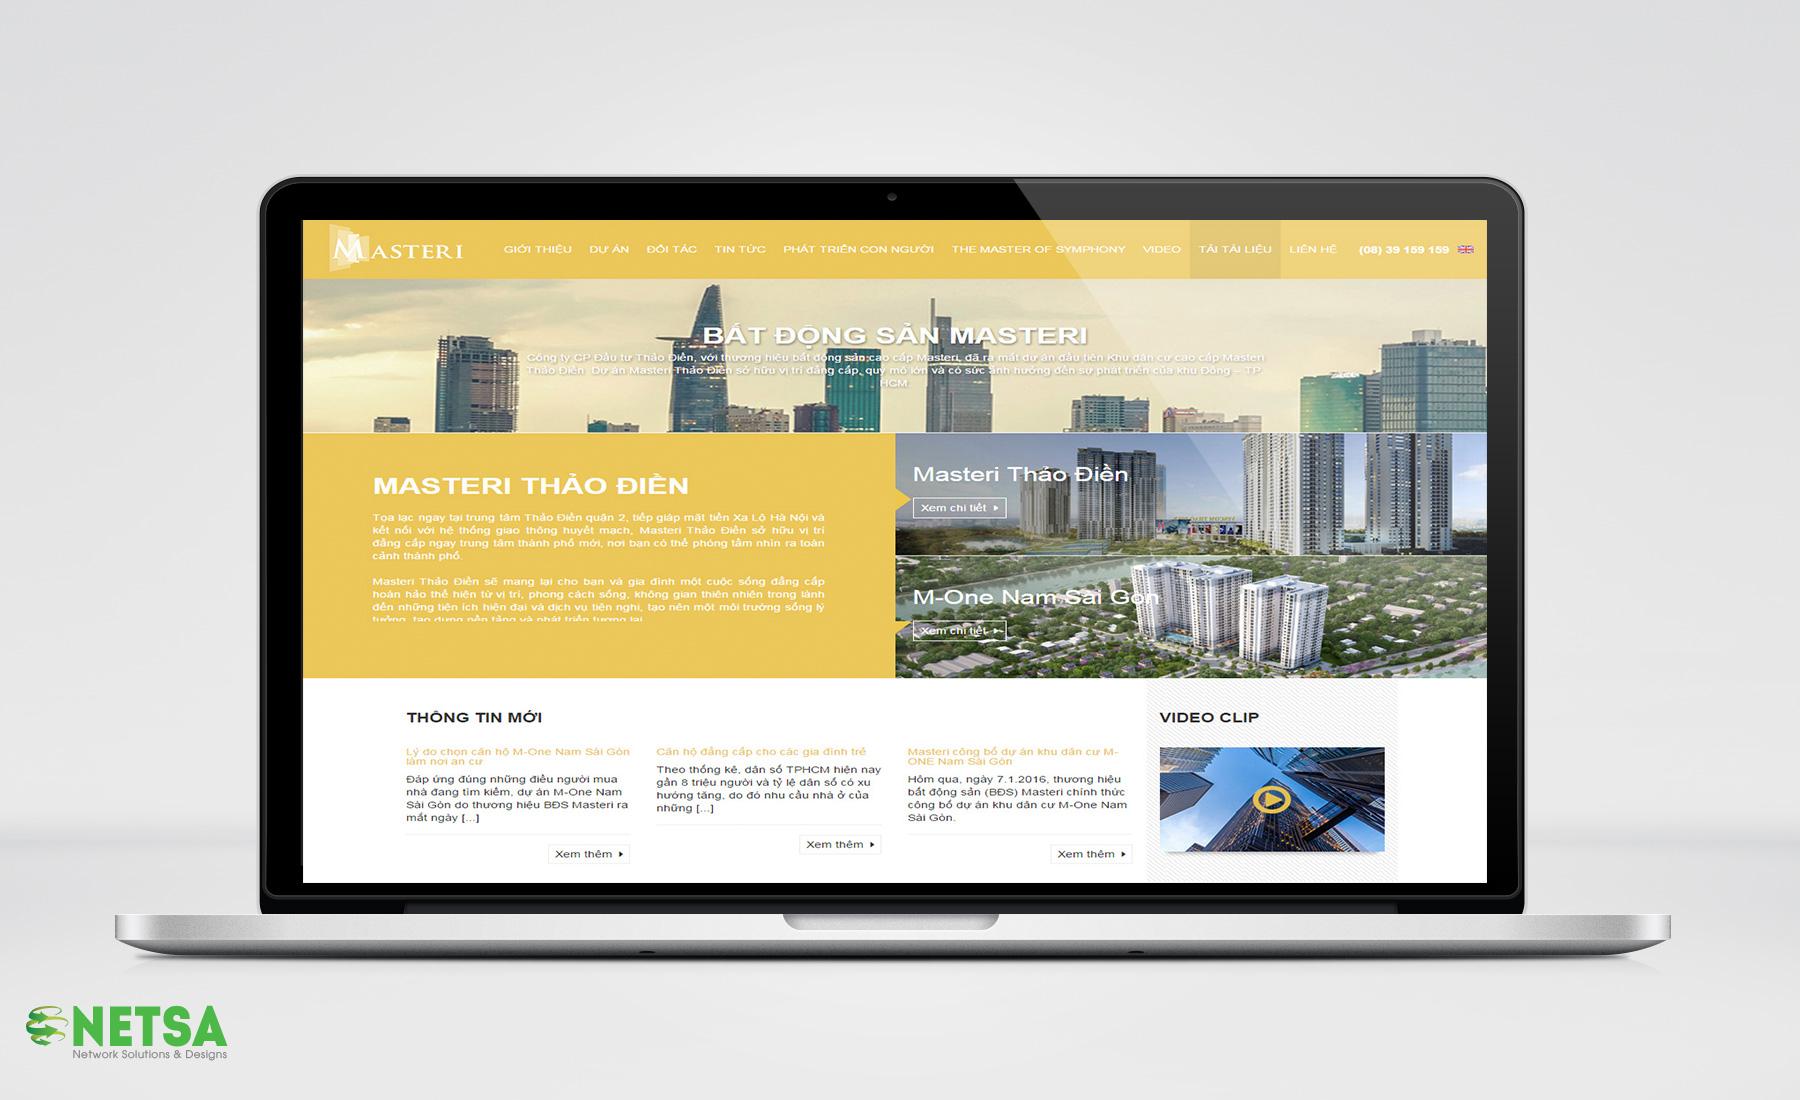 6 mẹo thiết kế website bất động sản hiệu quả chuyên nghiệp nhất 2017